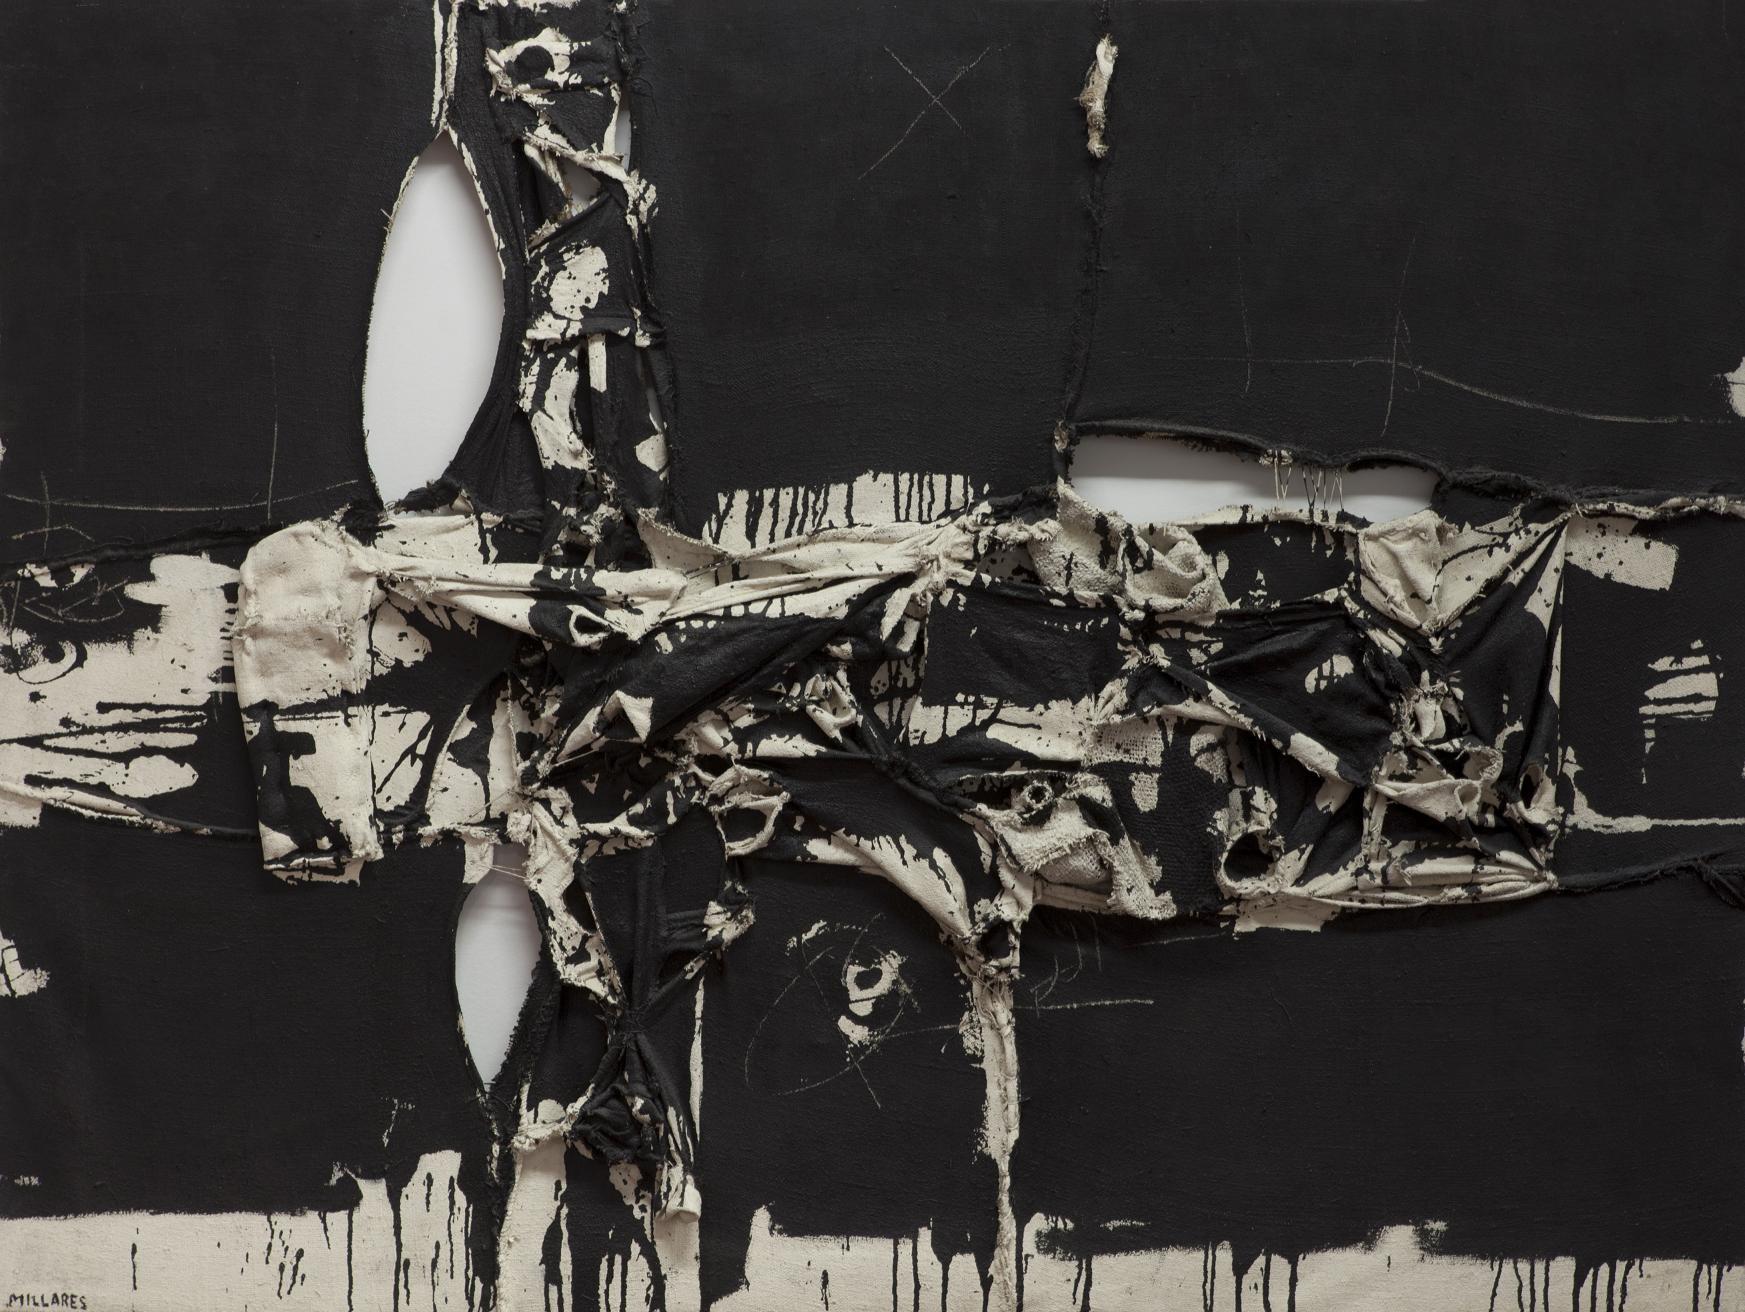 Cuadro 92 (1961) - Manolo Millares